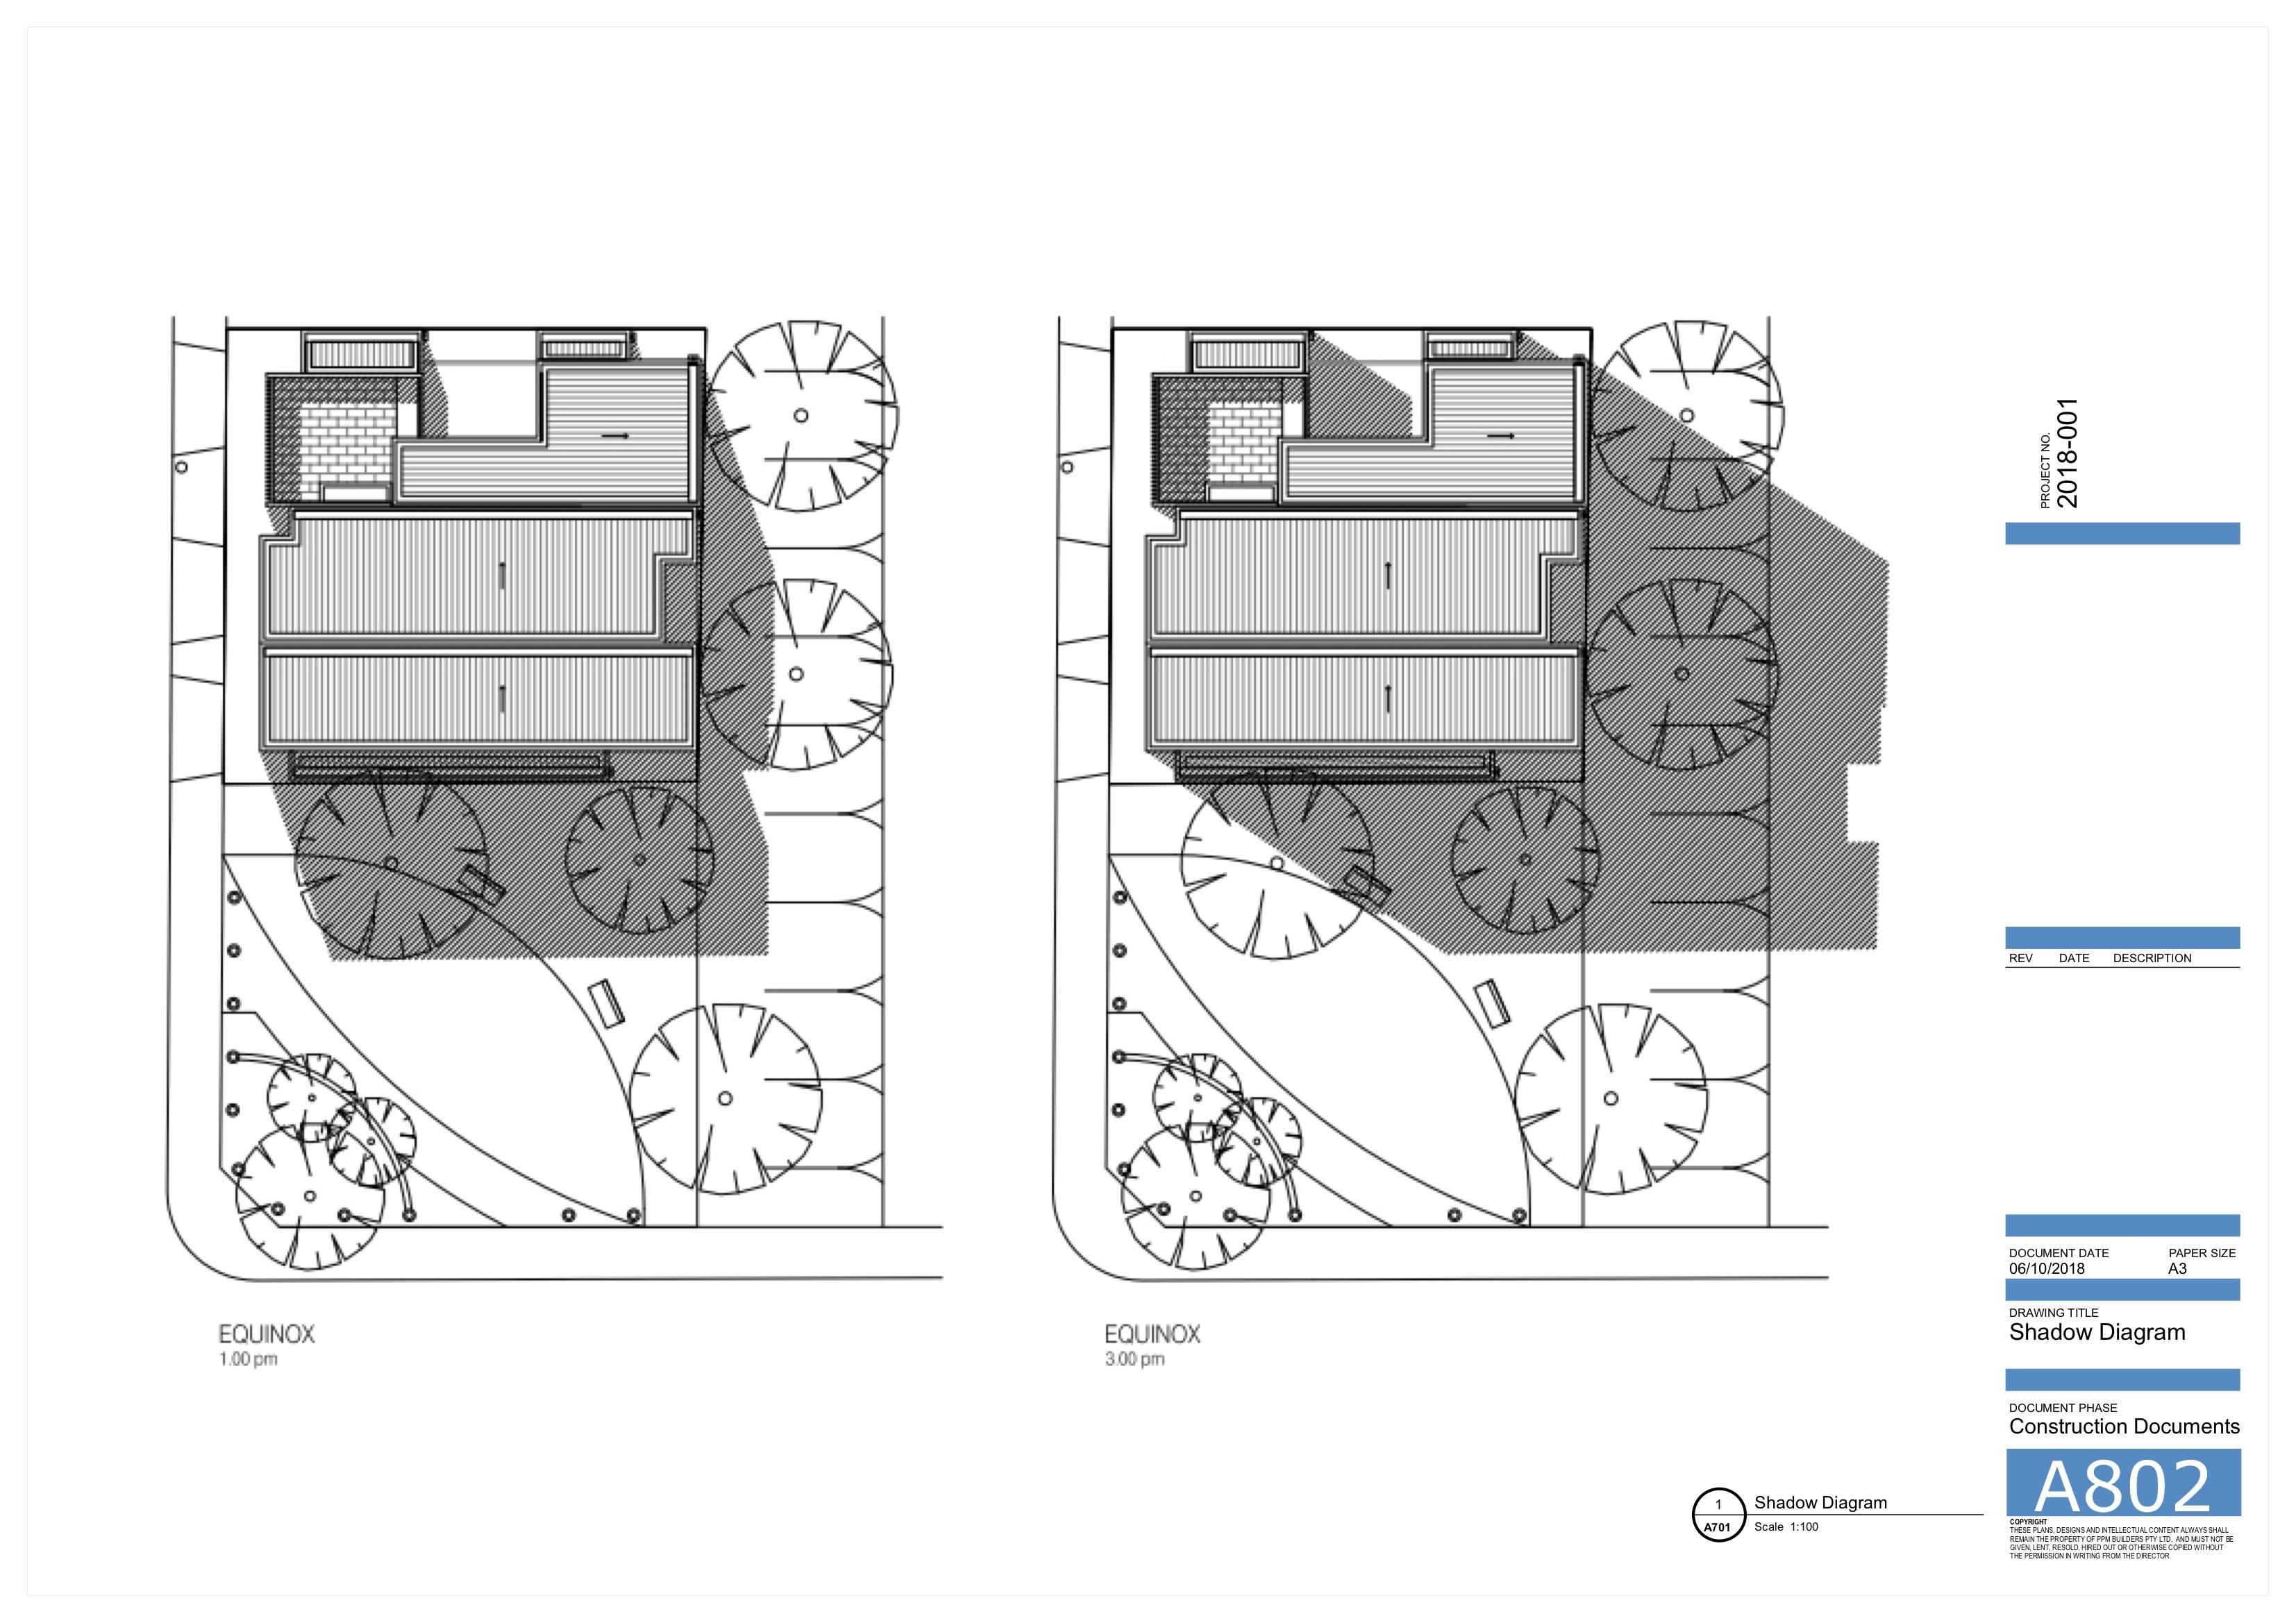 Sketchup Construction Drawings